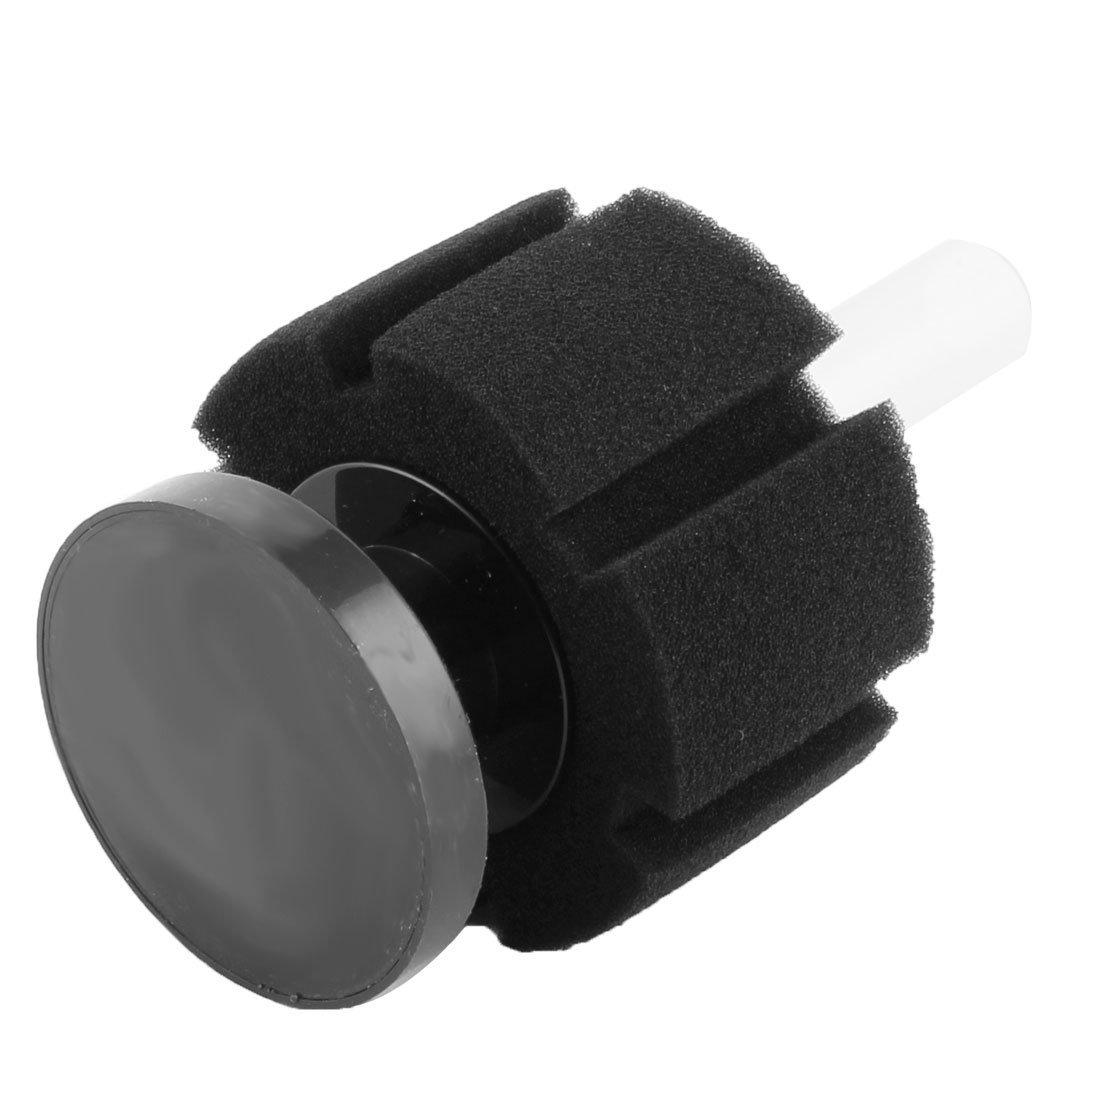 Amazon.com : eDealMax acuario de peces acuática Bioquímica cilindro de espuma de filtro de la esponja de filtración Negro : Pet Supplies